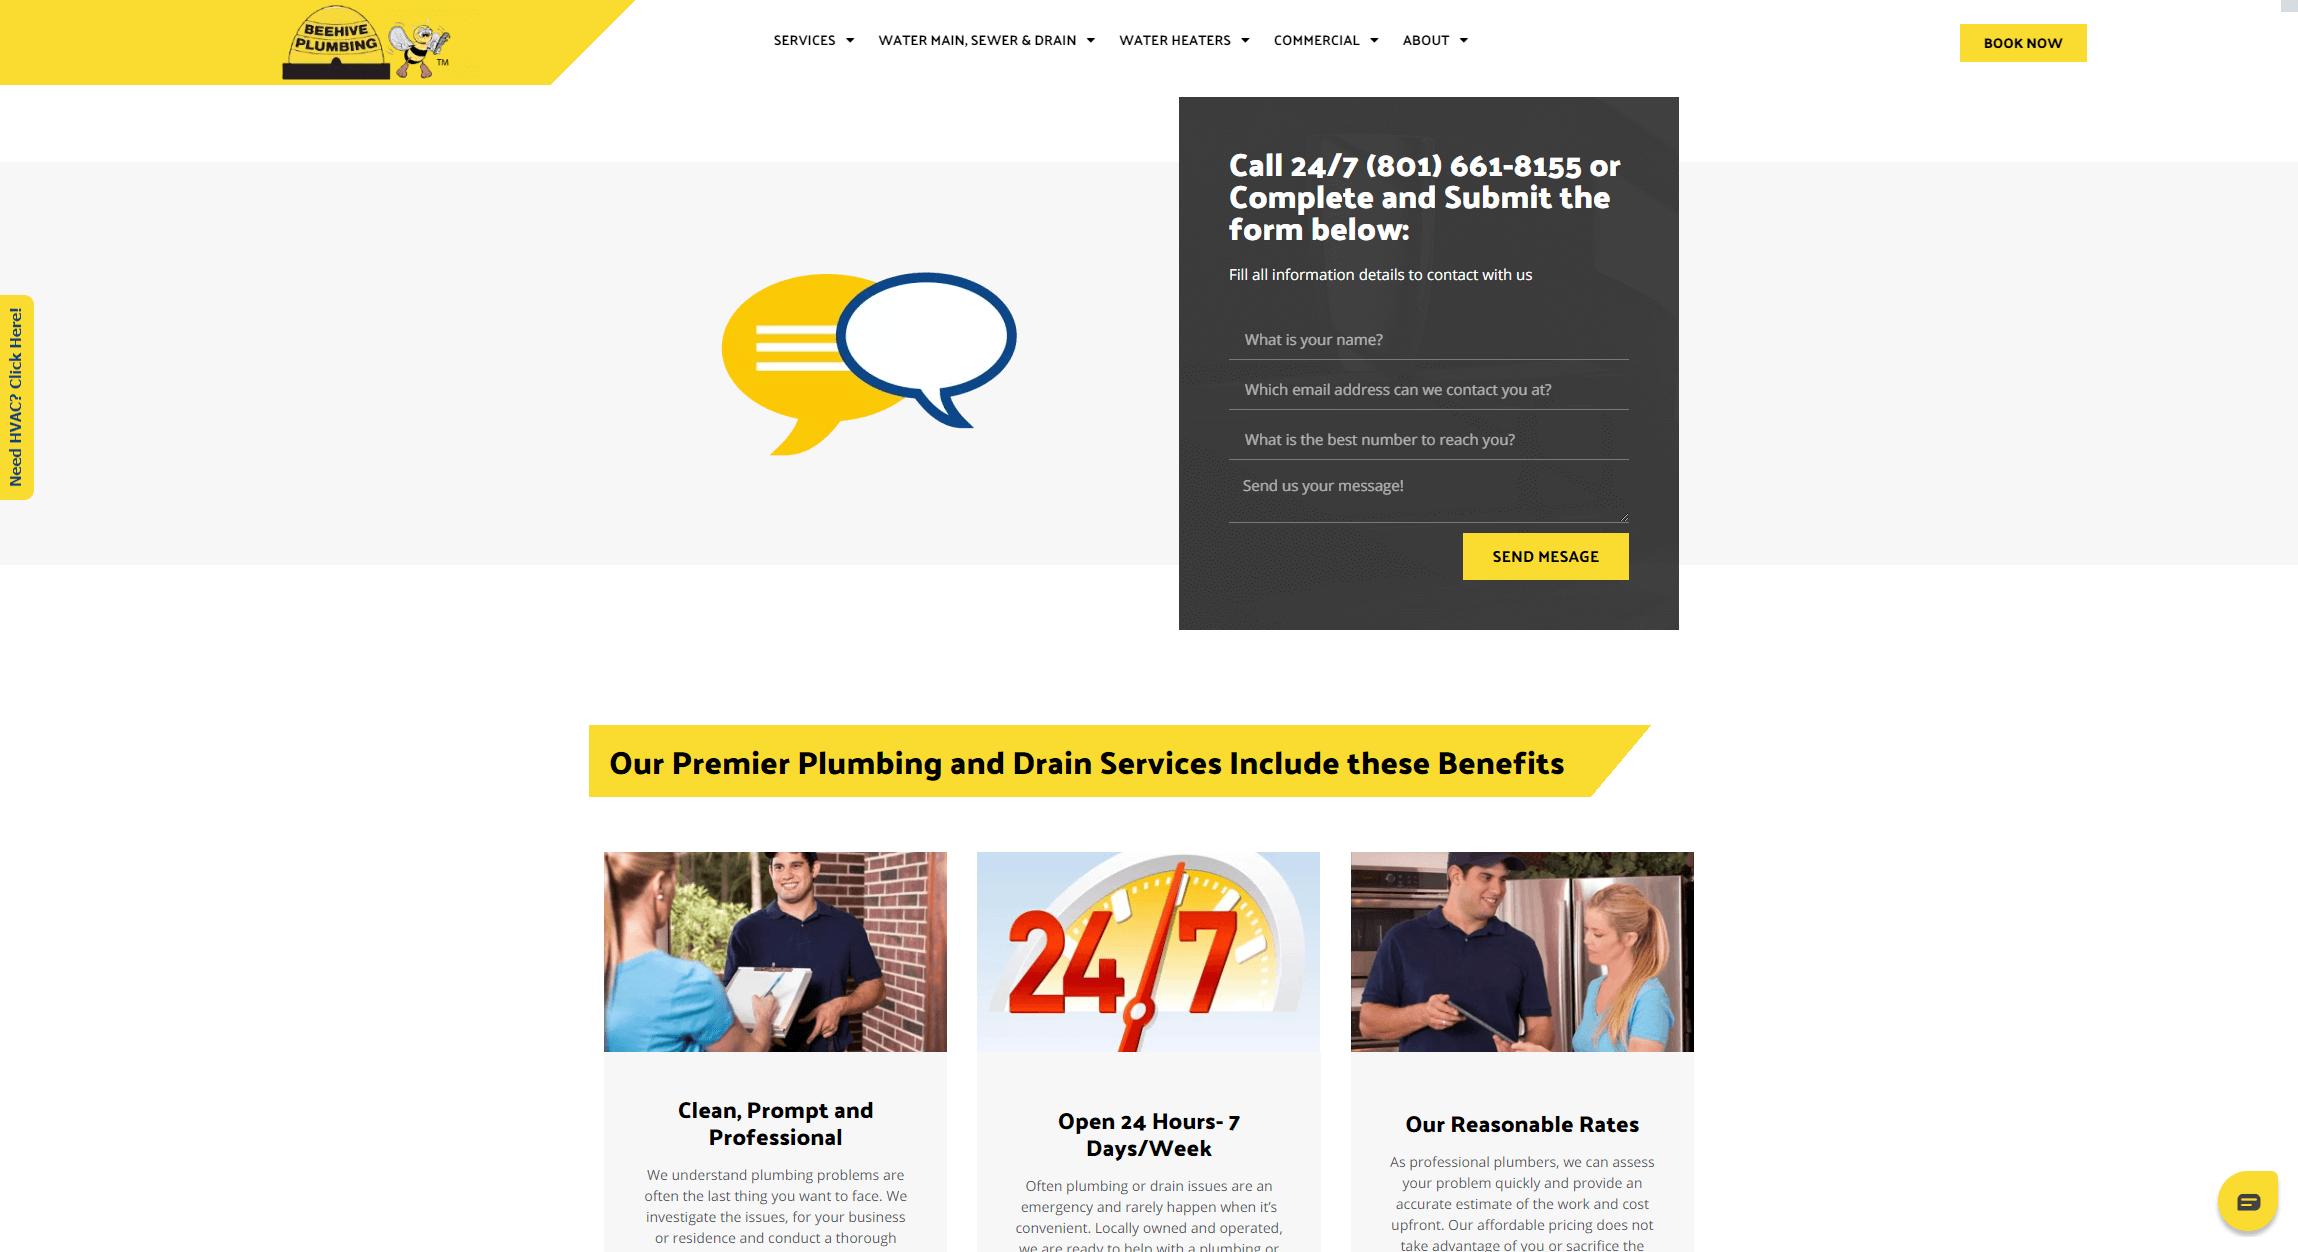 www.beehiveplumbing.com-3